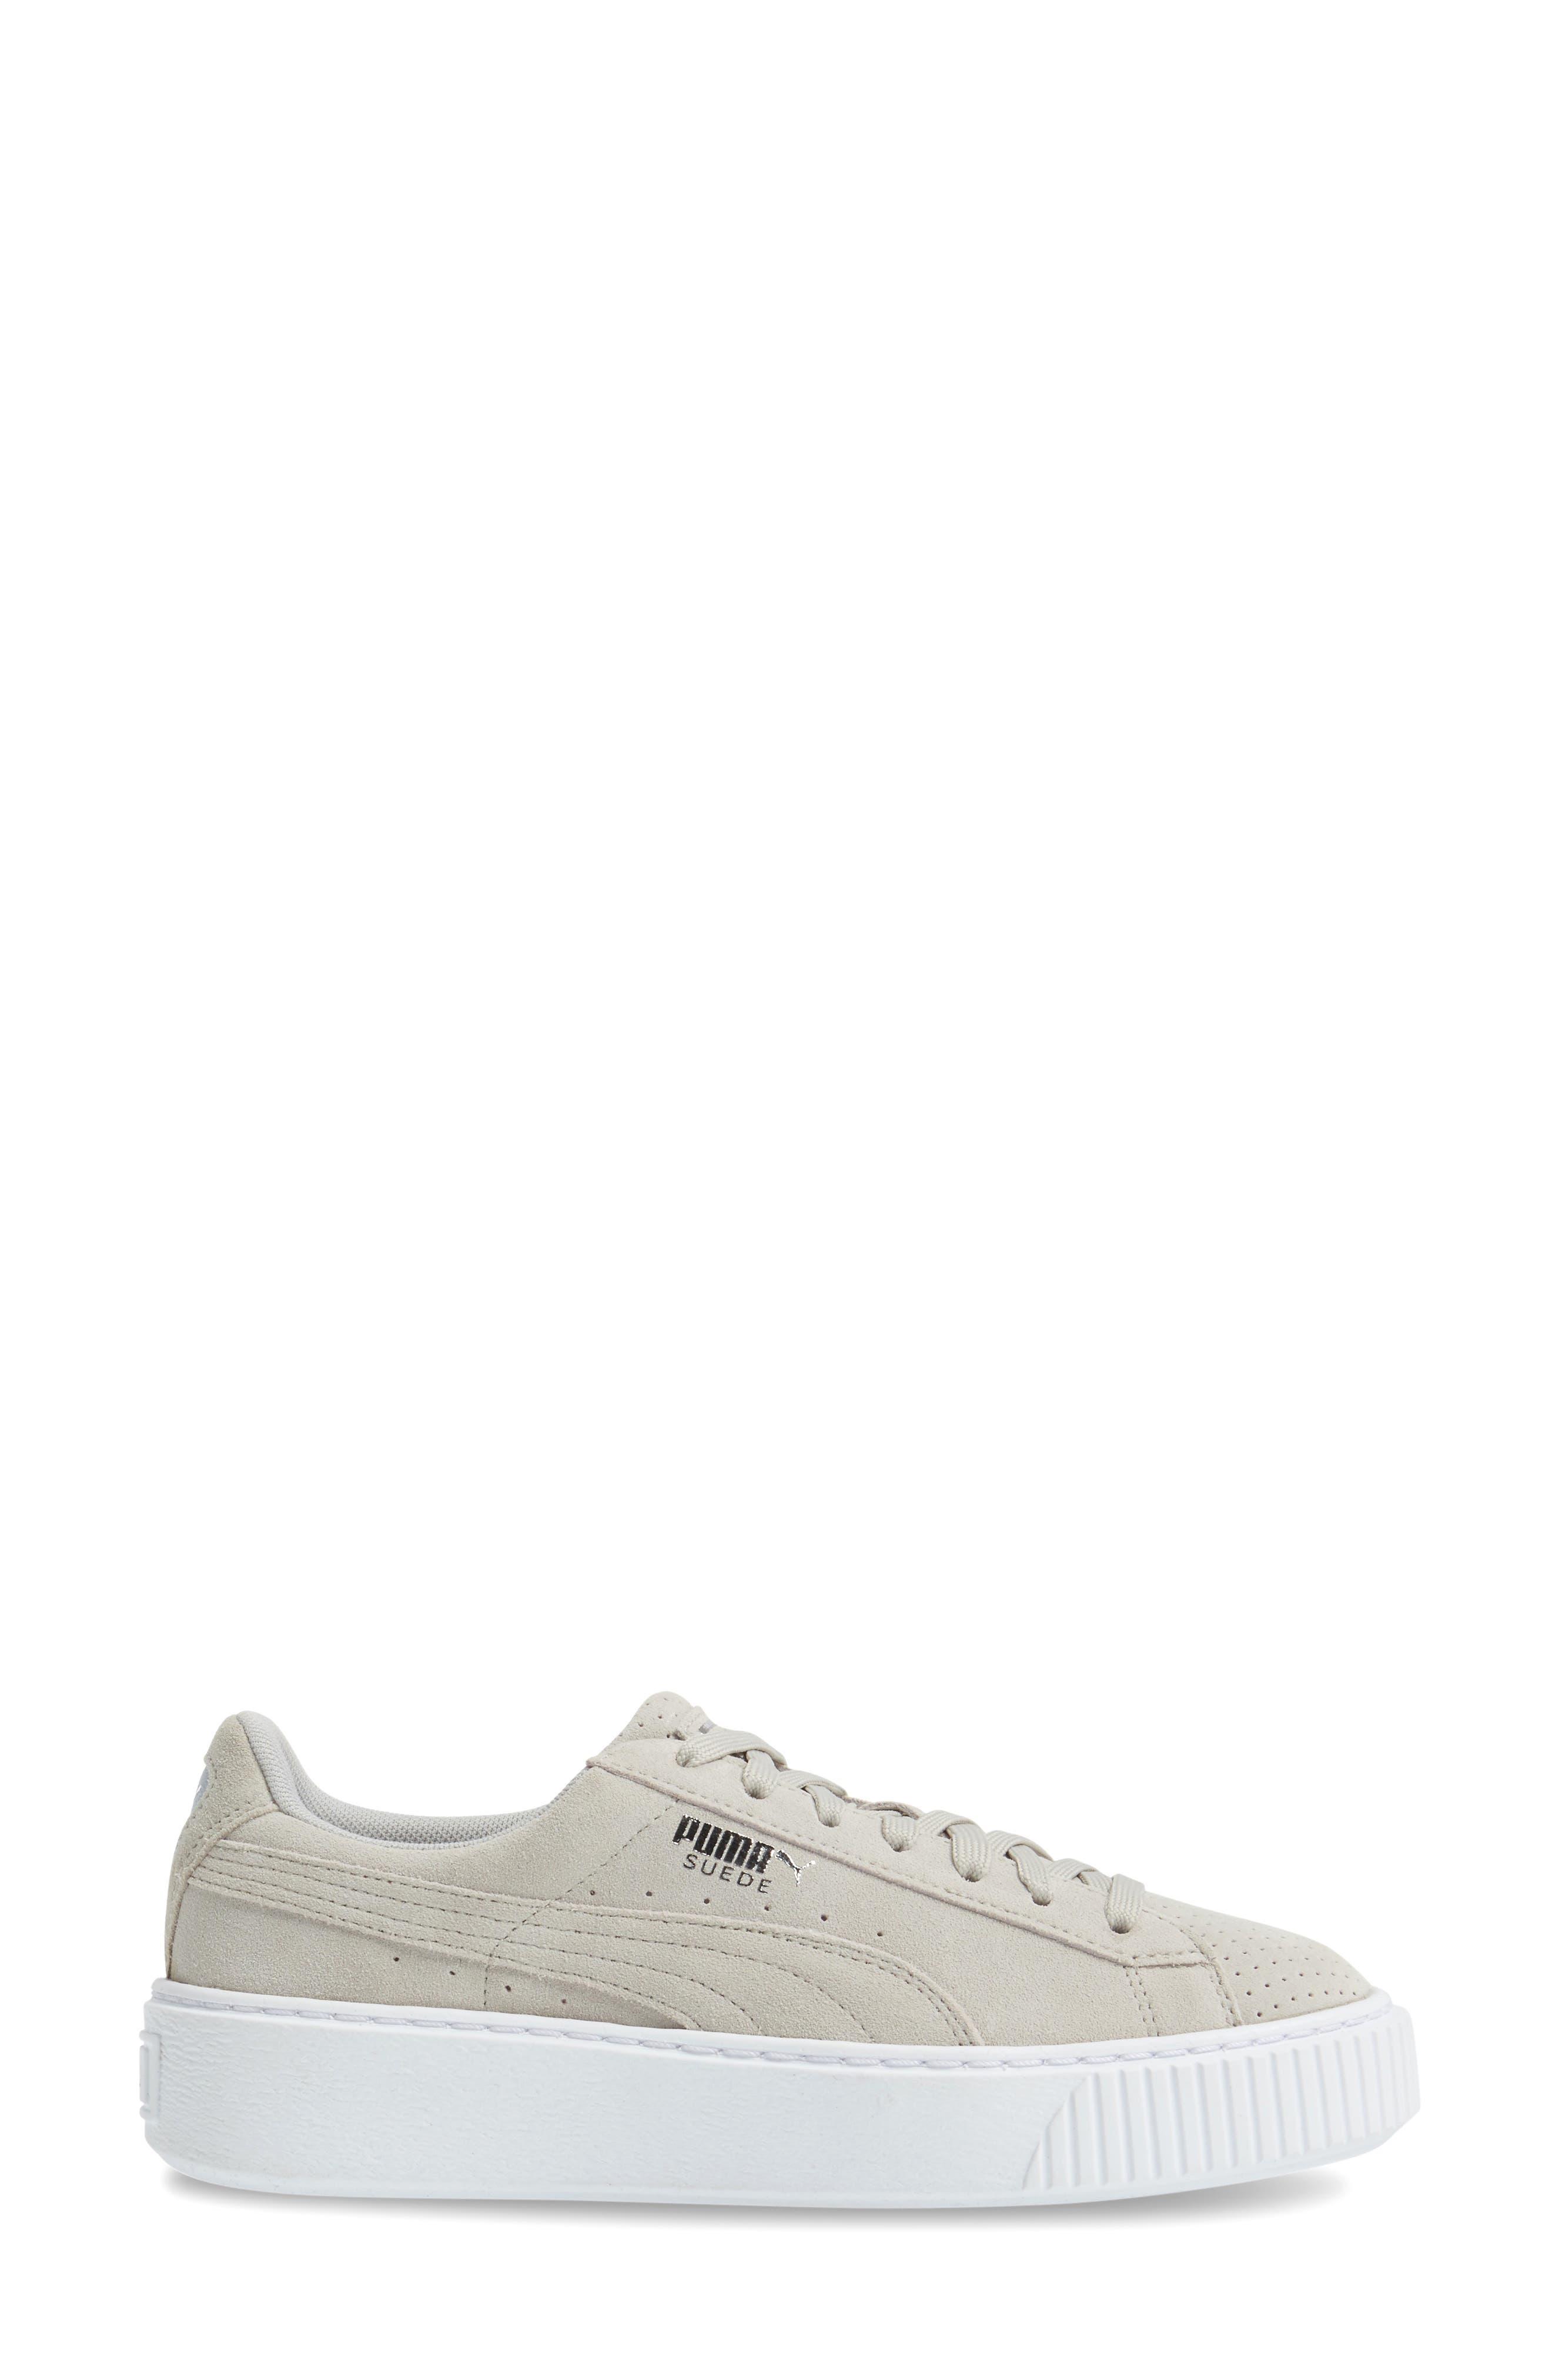 Basket Platform Sneaker,                             Alternate thumbnail 4, color,                             Grey Violet/ Silver